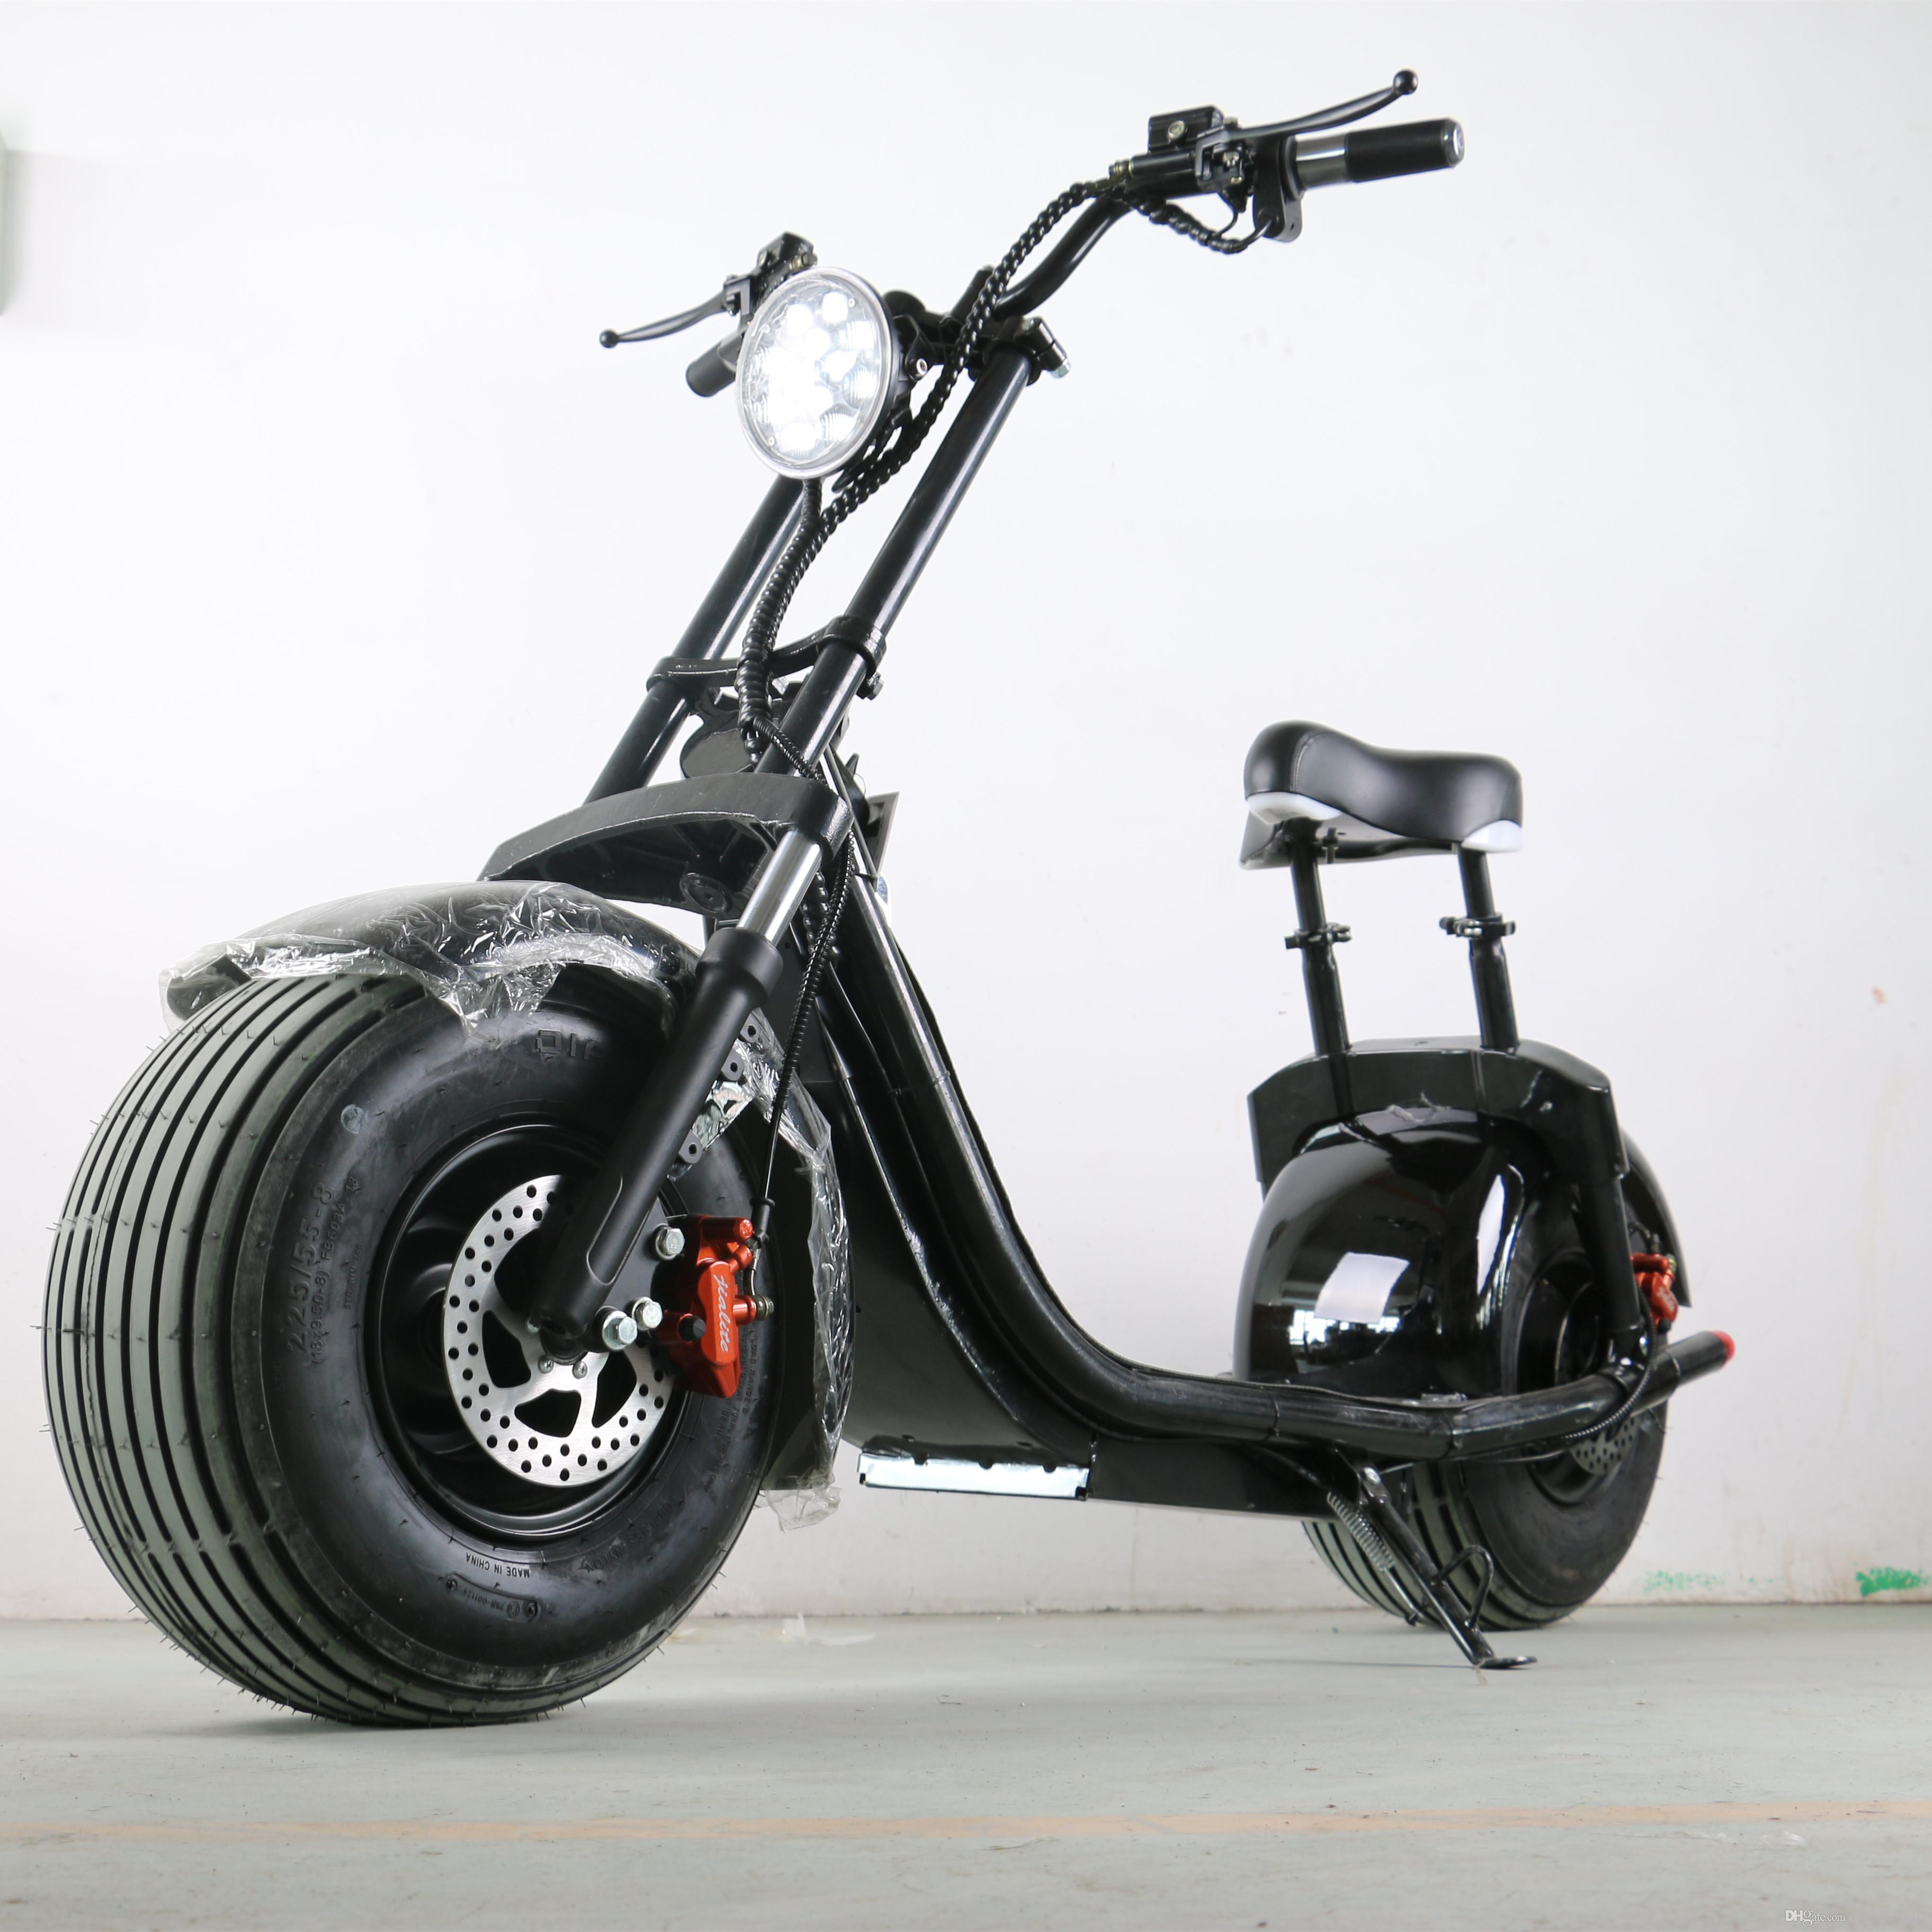 compre 1000w scooter el trico de moda nova estilo harley. Black Bedroom Furniture Sets. Home Design Ideas